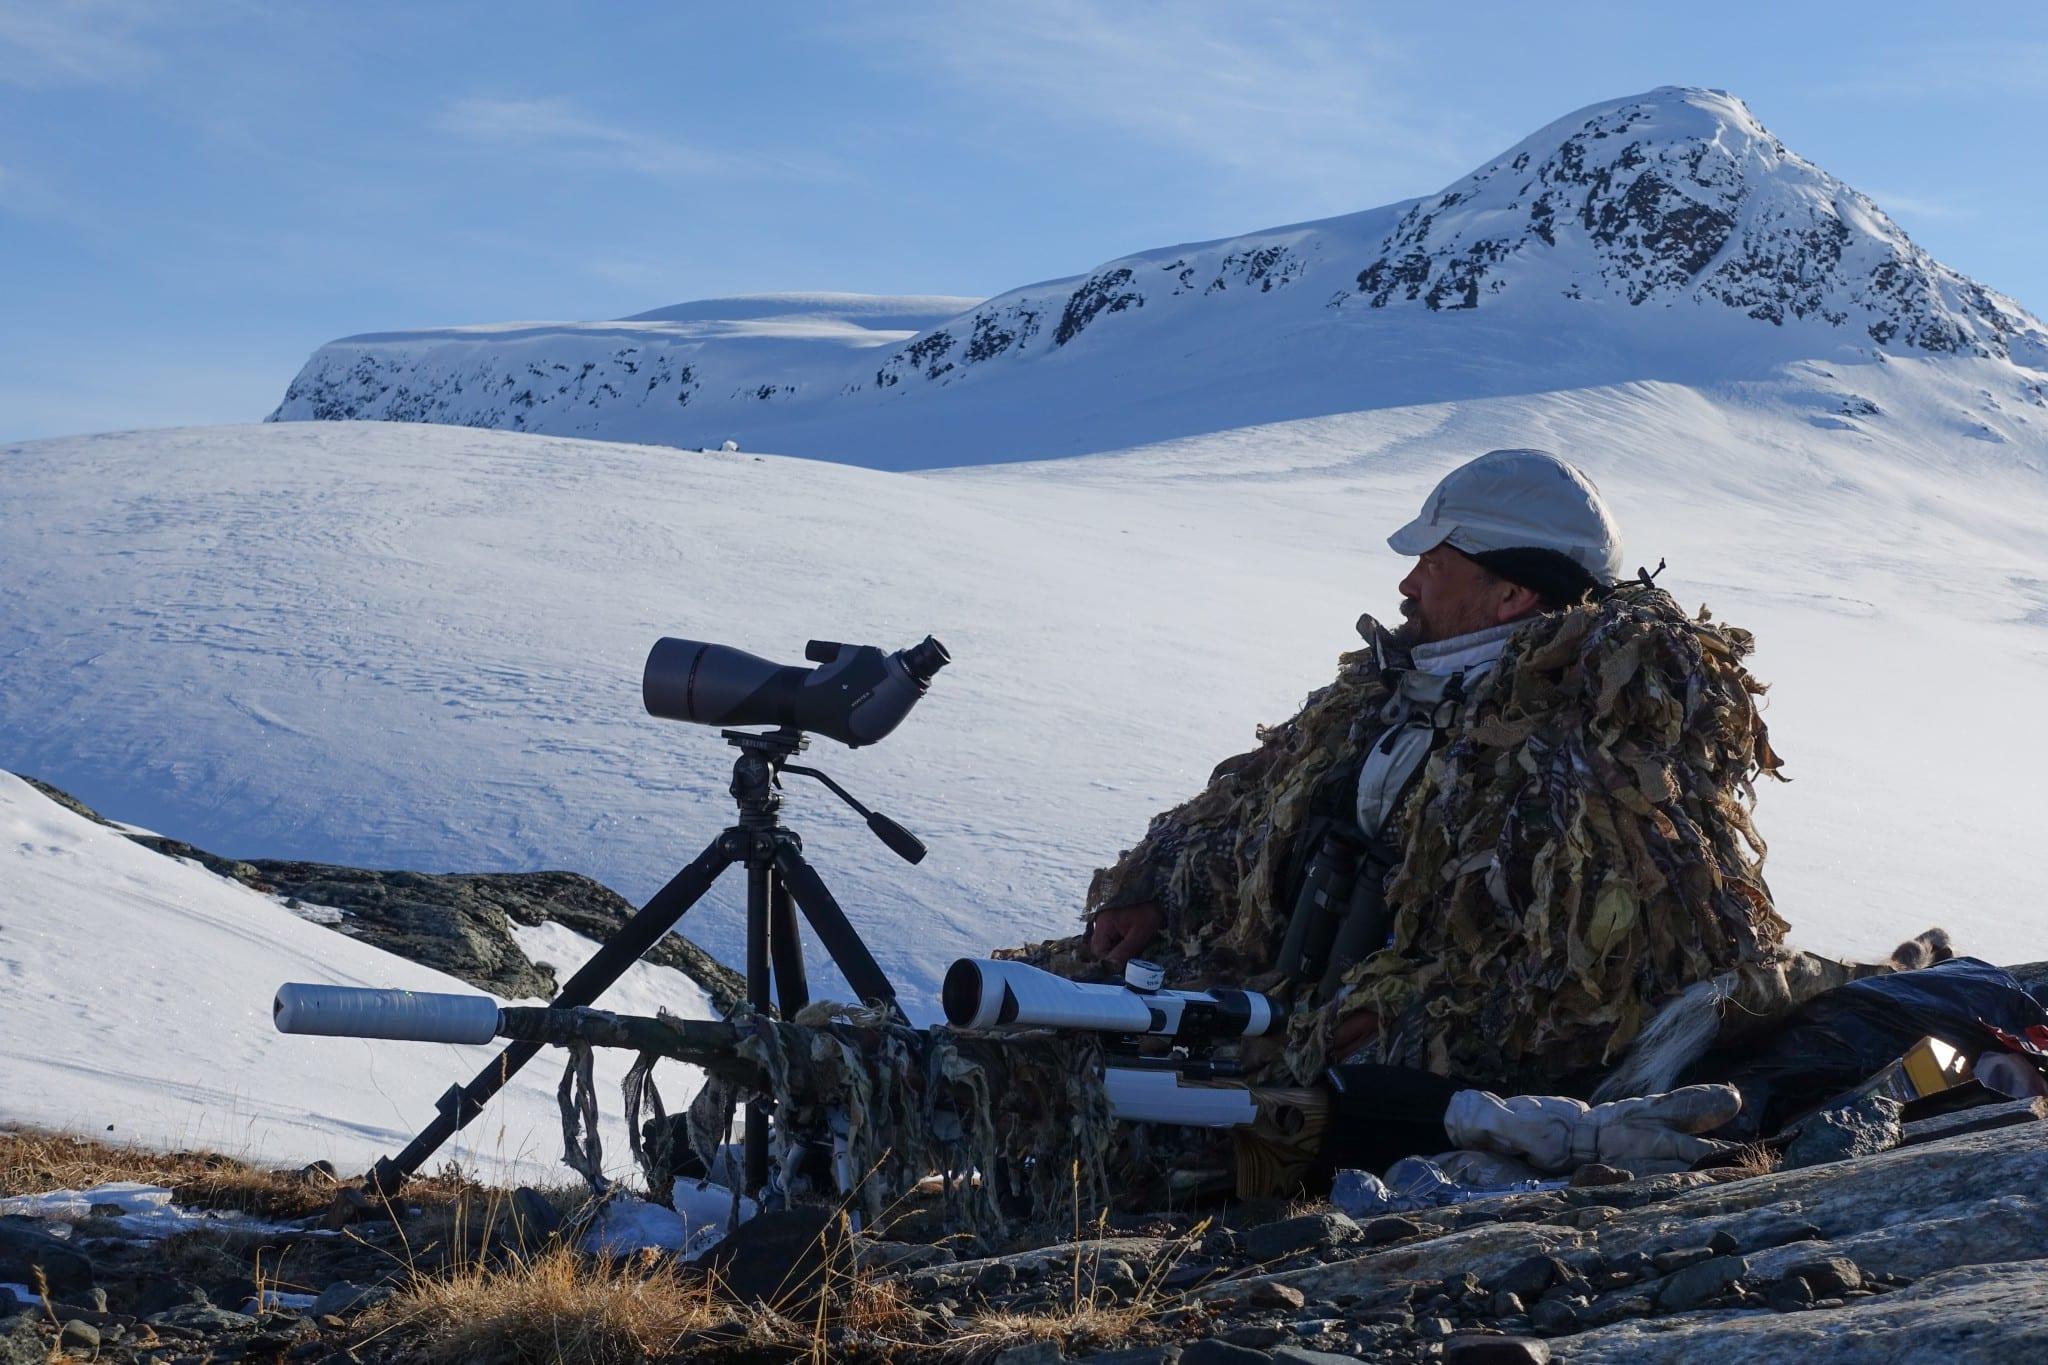 Om fokus ligger på räv snarare än på ripa kan det vara effektivt att välja en strategisk plats och vänta på en rävobs snarare än att skida runt och locka på måfå.